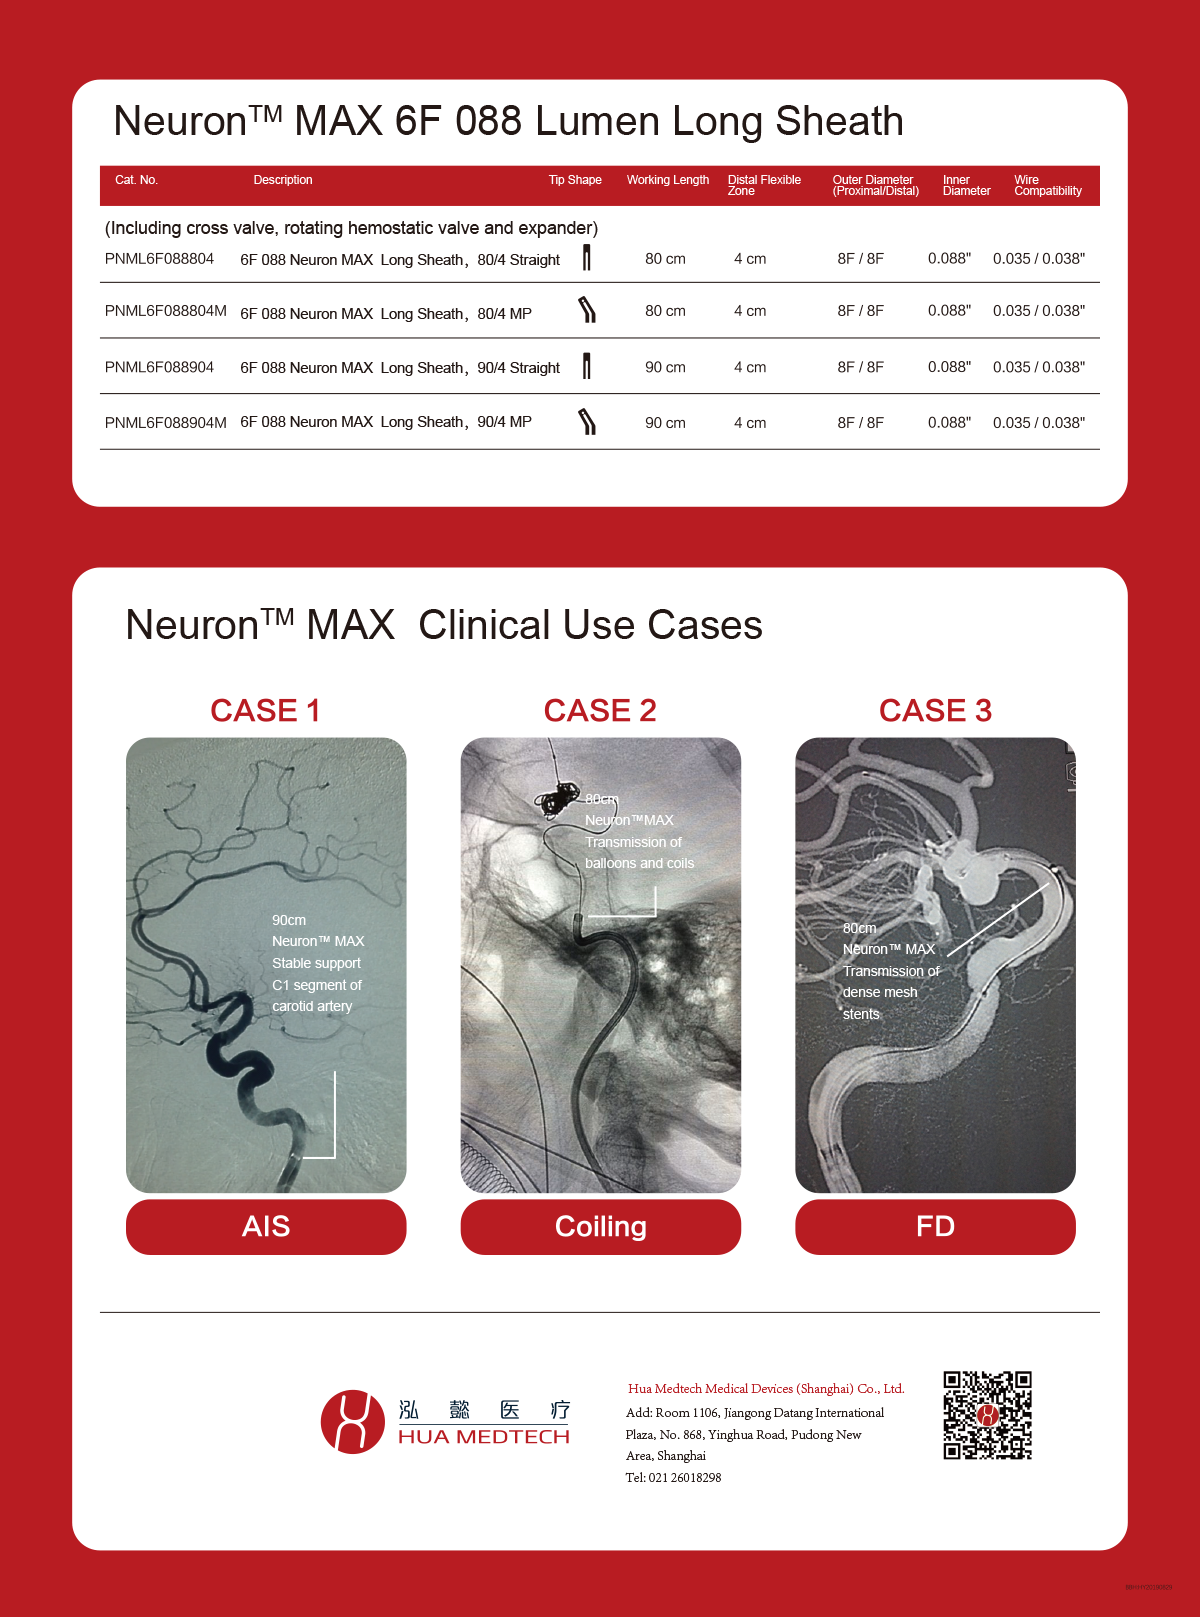 NeuronTM MAX 088 6F